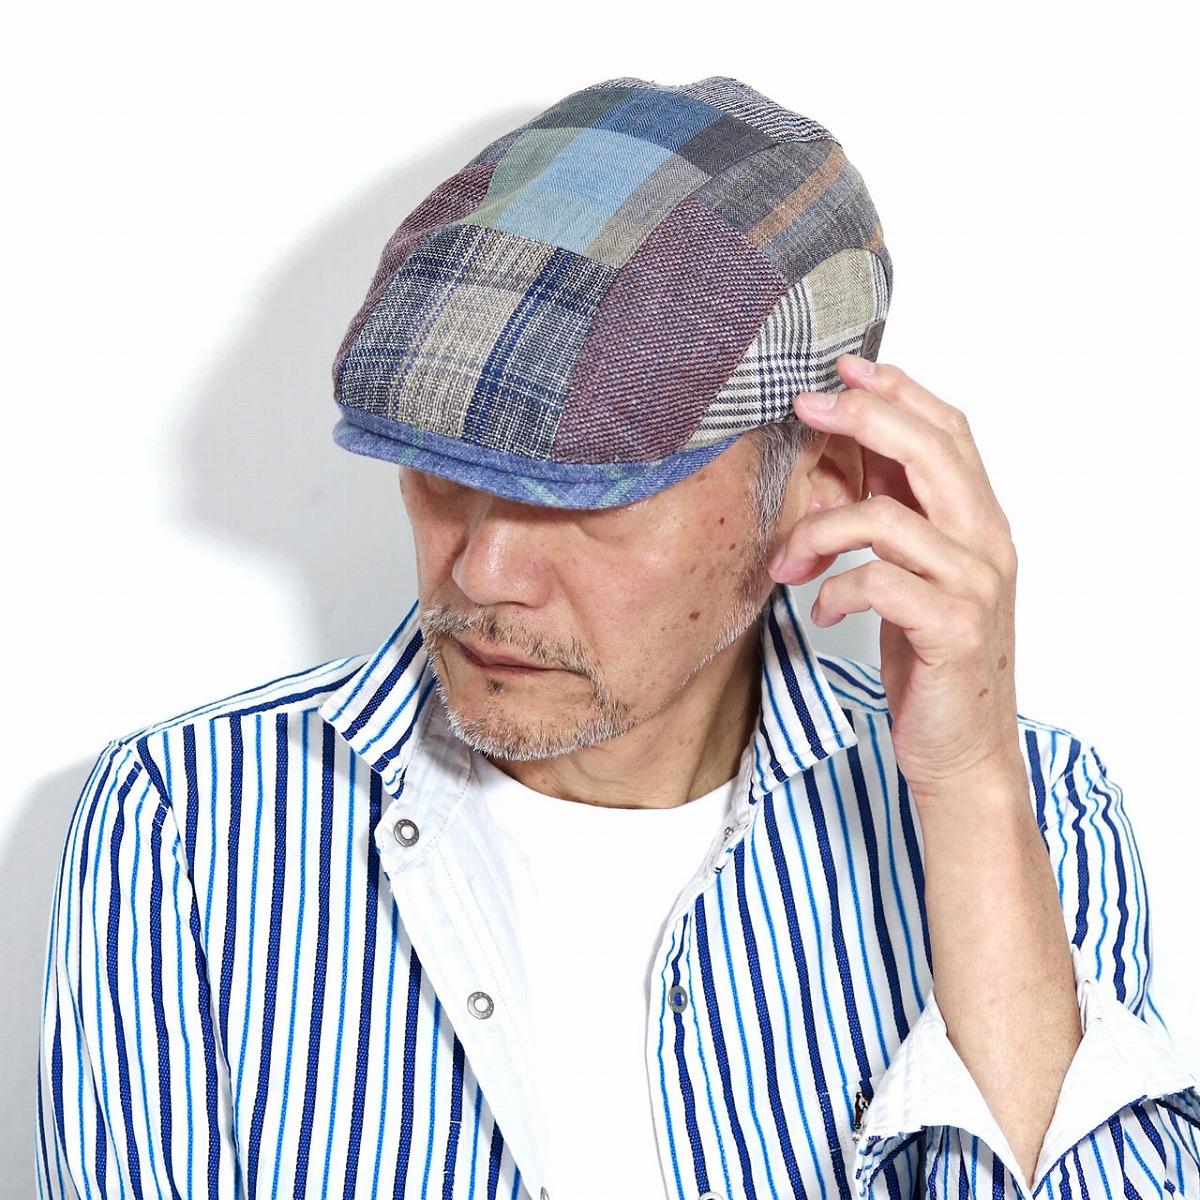 Gottmann ハンチング 大きいサイズ メンズ 帽子 パッチワーク 春夏 麻 綿 夏素材 涼しい ハンチング帽 総柄 Gottmann チェック柄 ゴットマン マルチ [ ivy cap ] 男性 プレゼント お父さん ギフト 誕生日 還暦祝い 帽子通販 男性 プレゼント